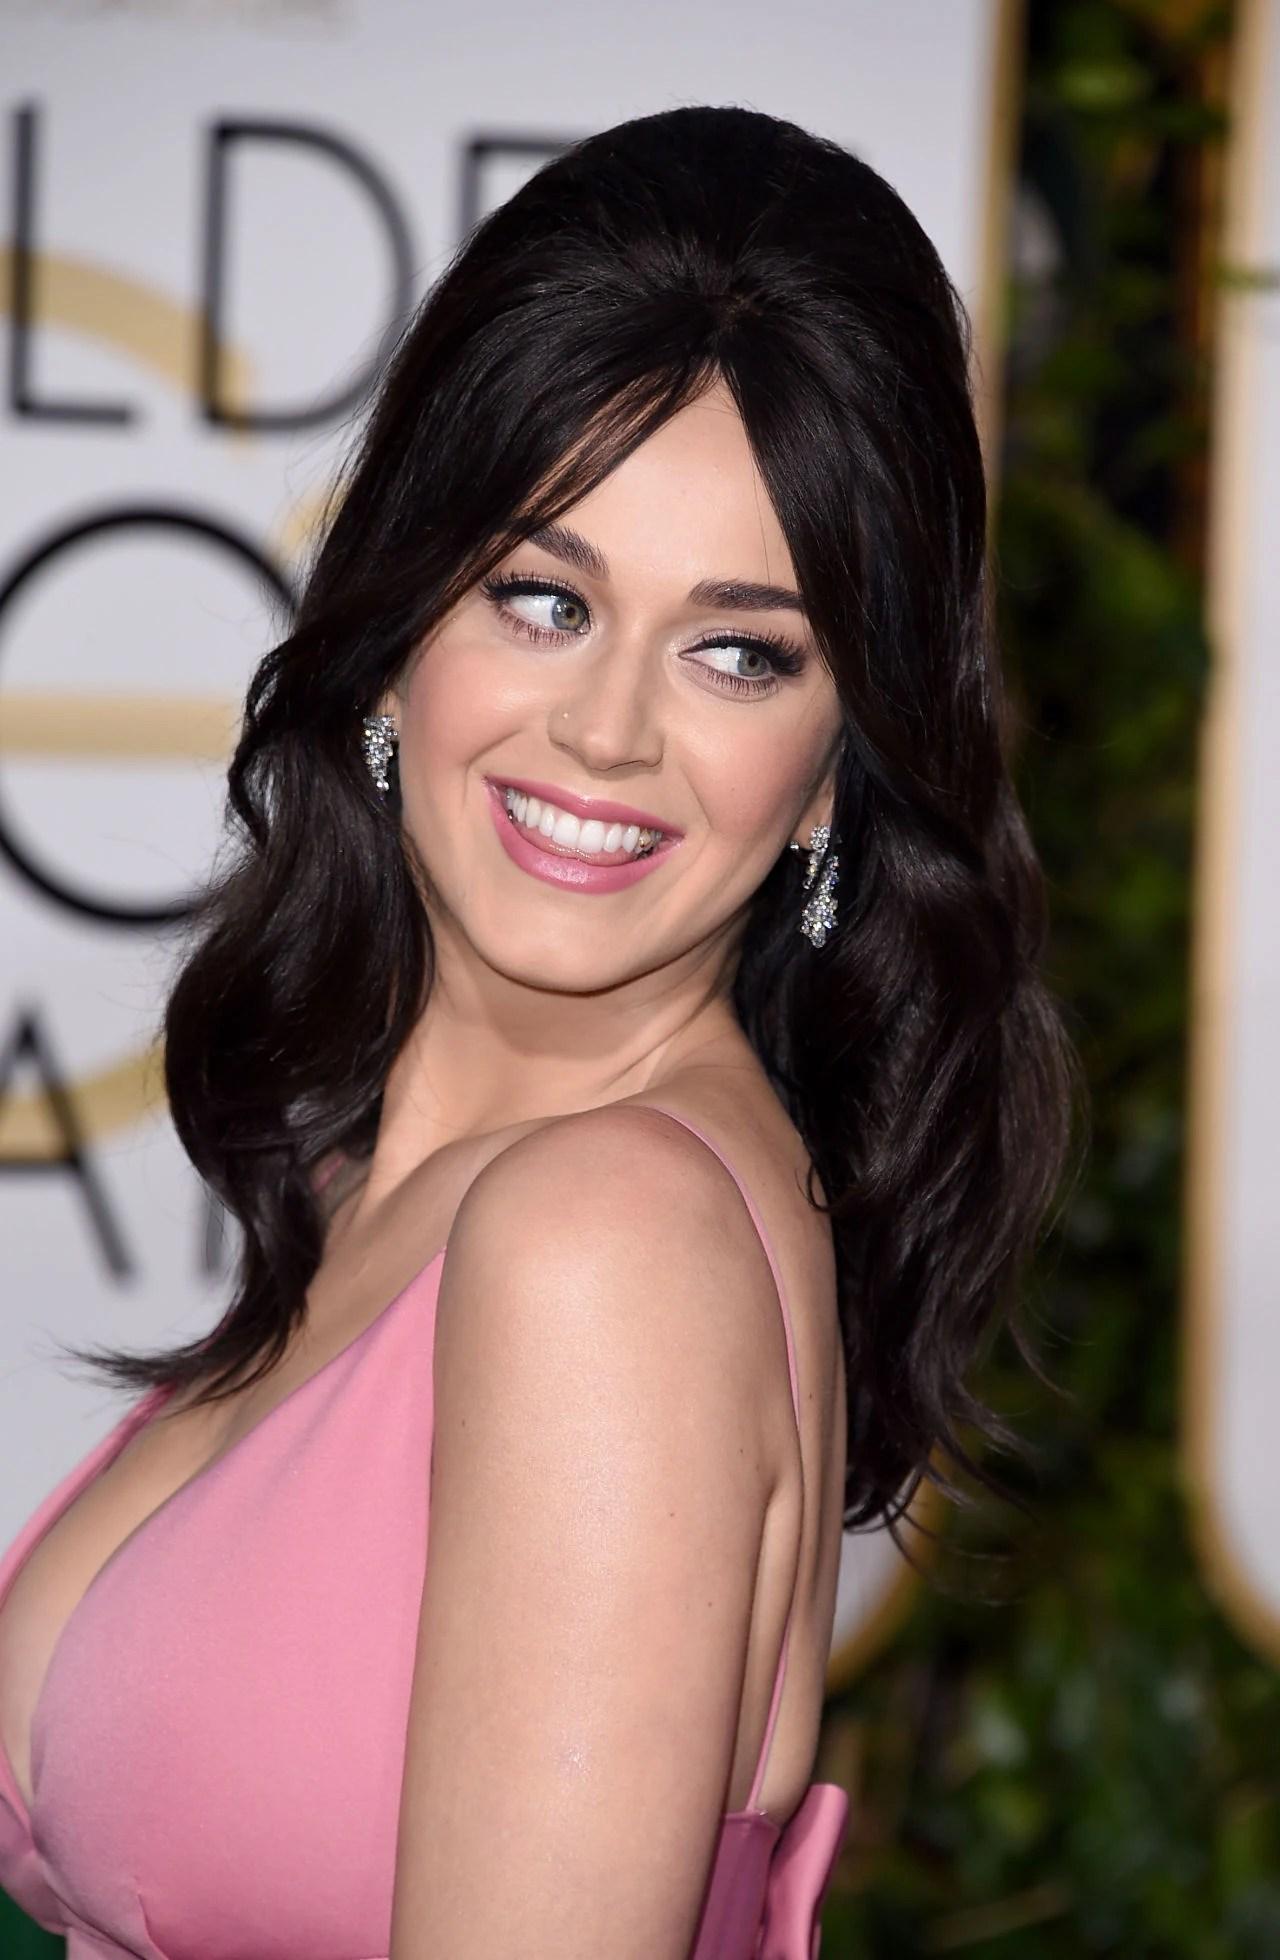 Katy Perry | Disney Wiki | FANDOM powered by Wikia